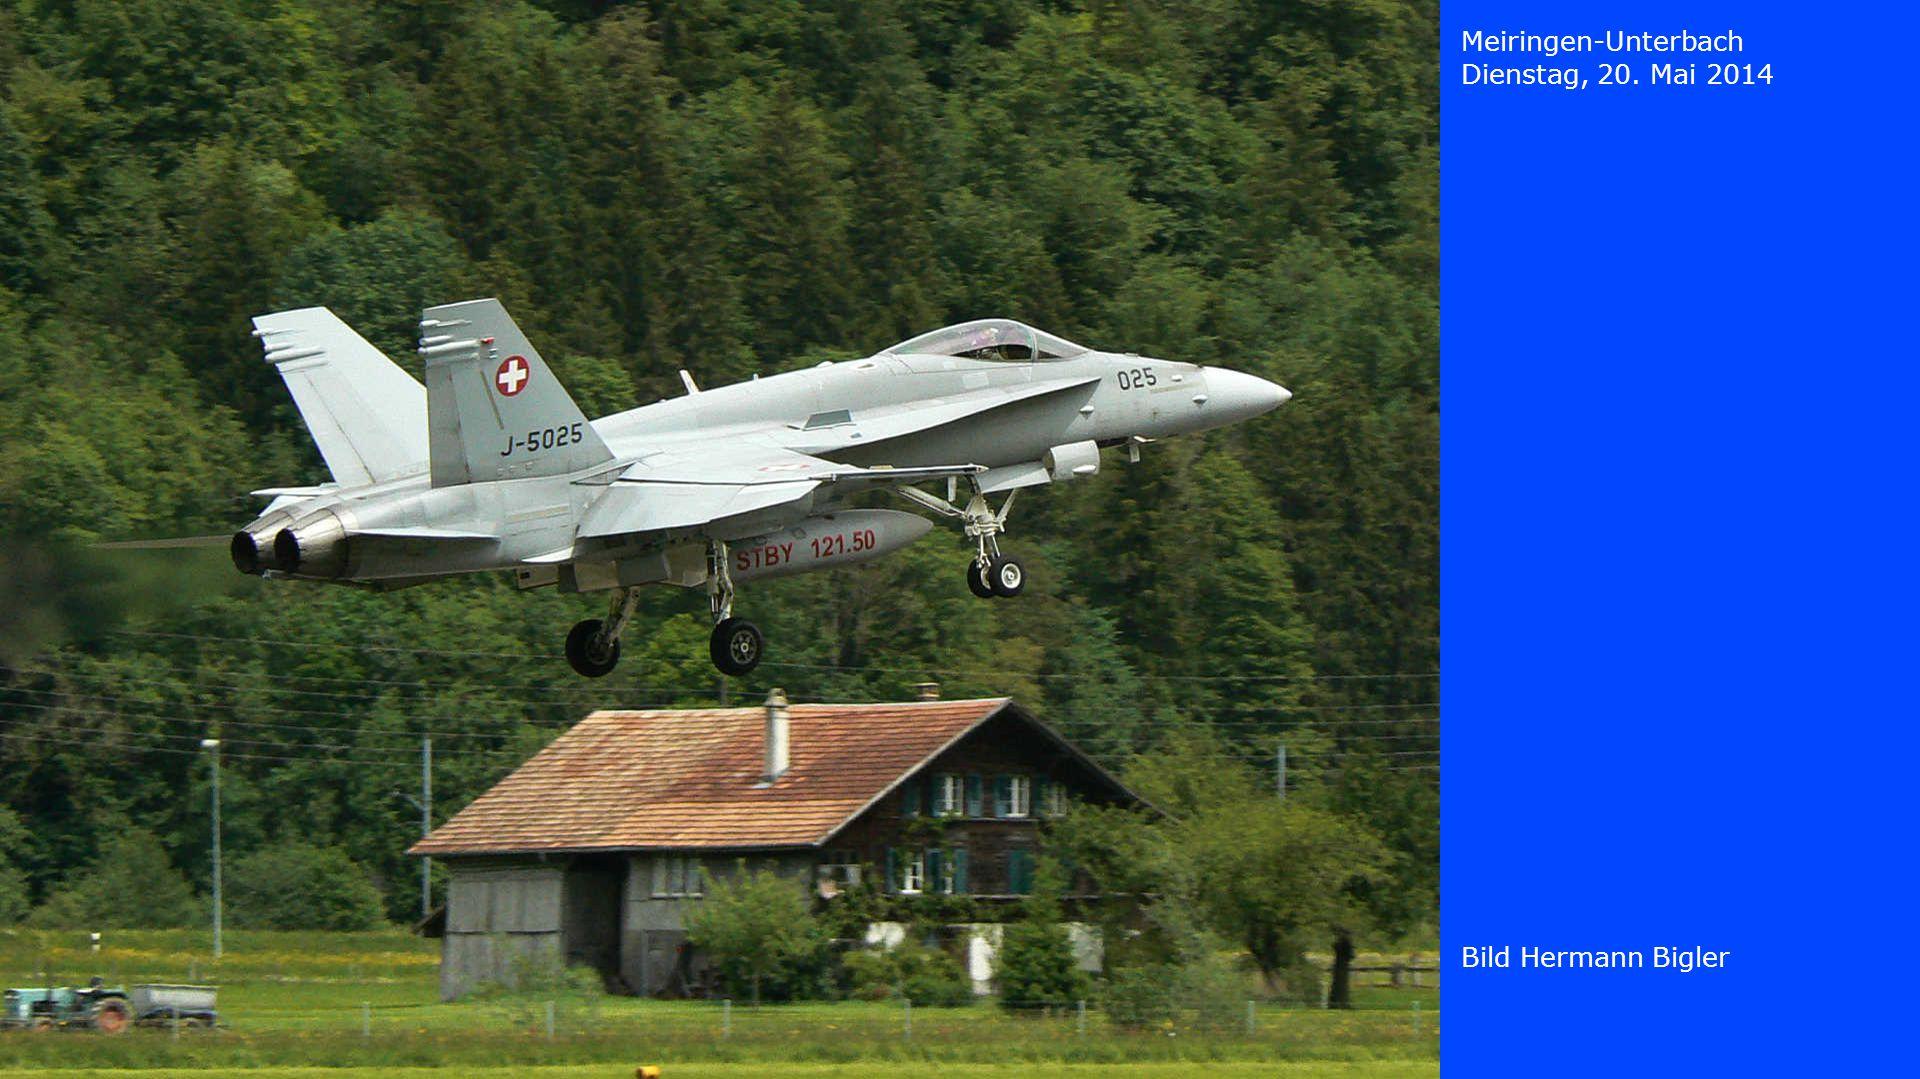 Meiringen-Unterbach Dienstag, 20. Mai 2014 Bild Hermann Bigler